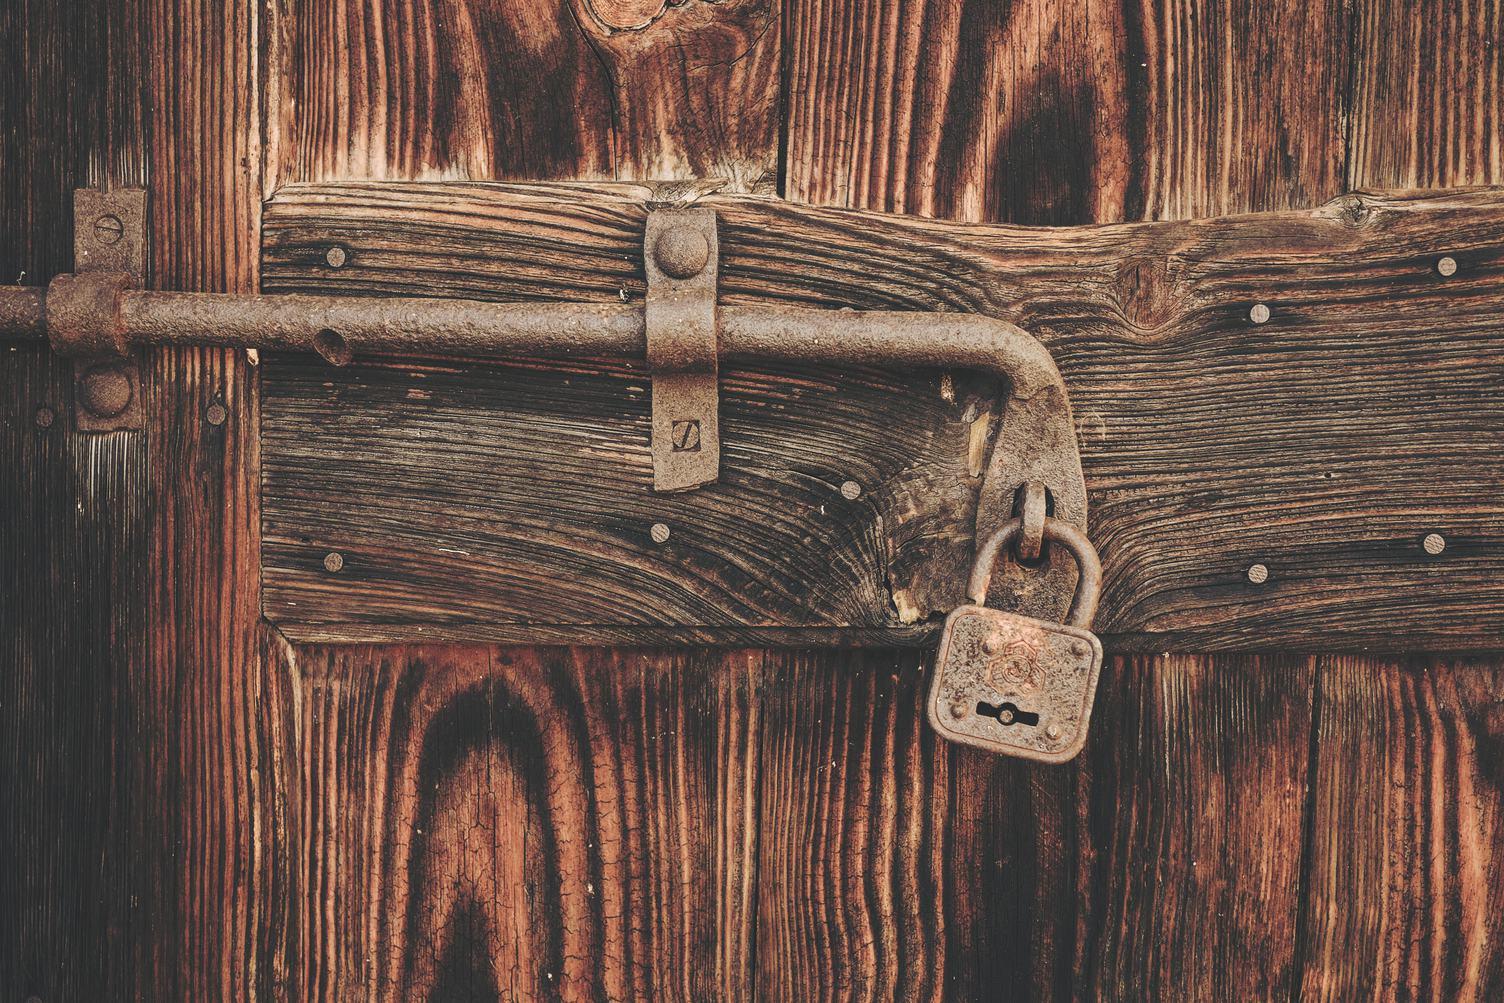 Old Wooden Door with Rusty Latch